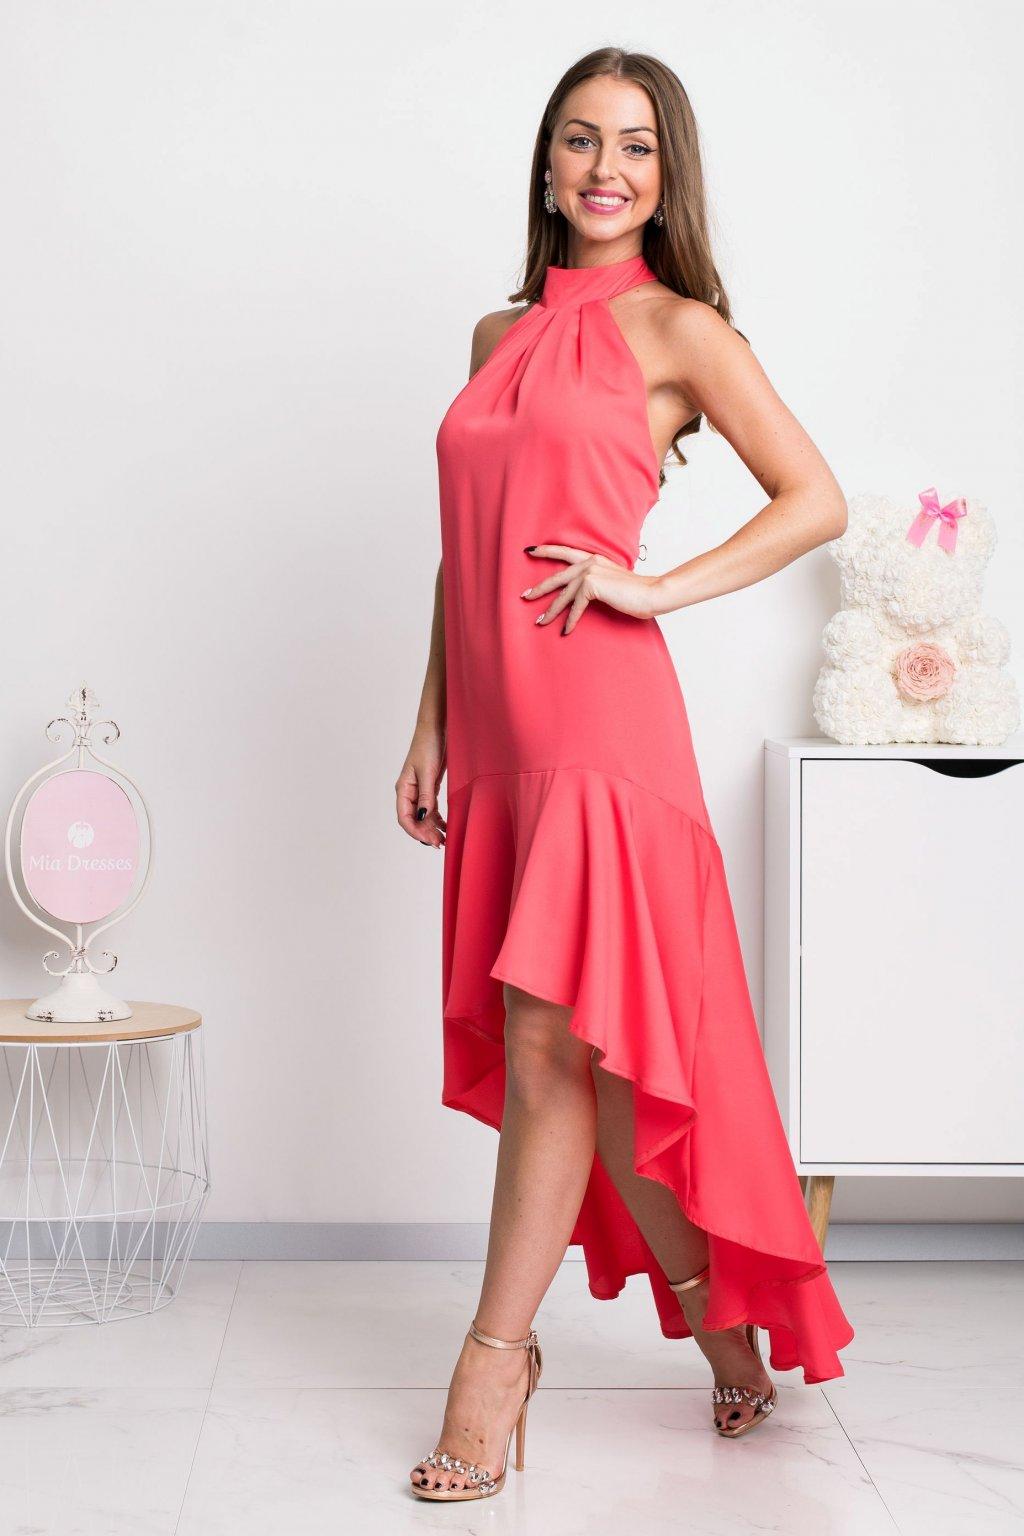 Koralové spoločenské šaty s volánovou sukňou